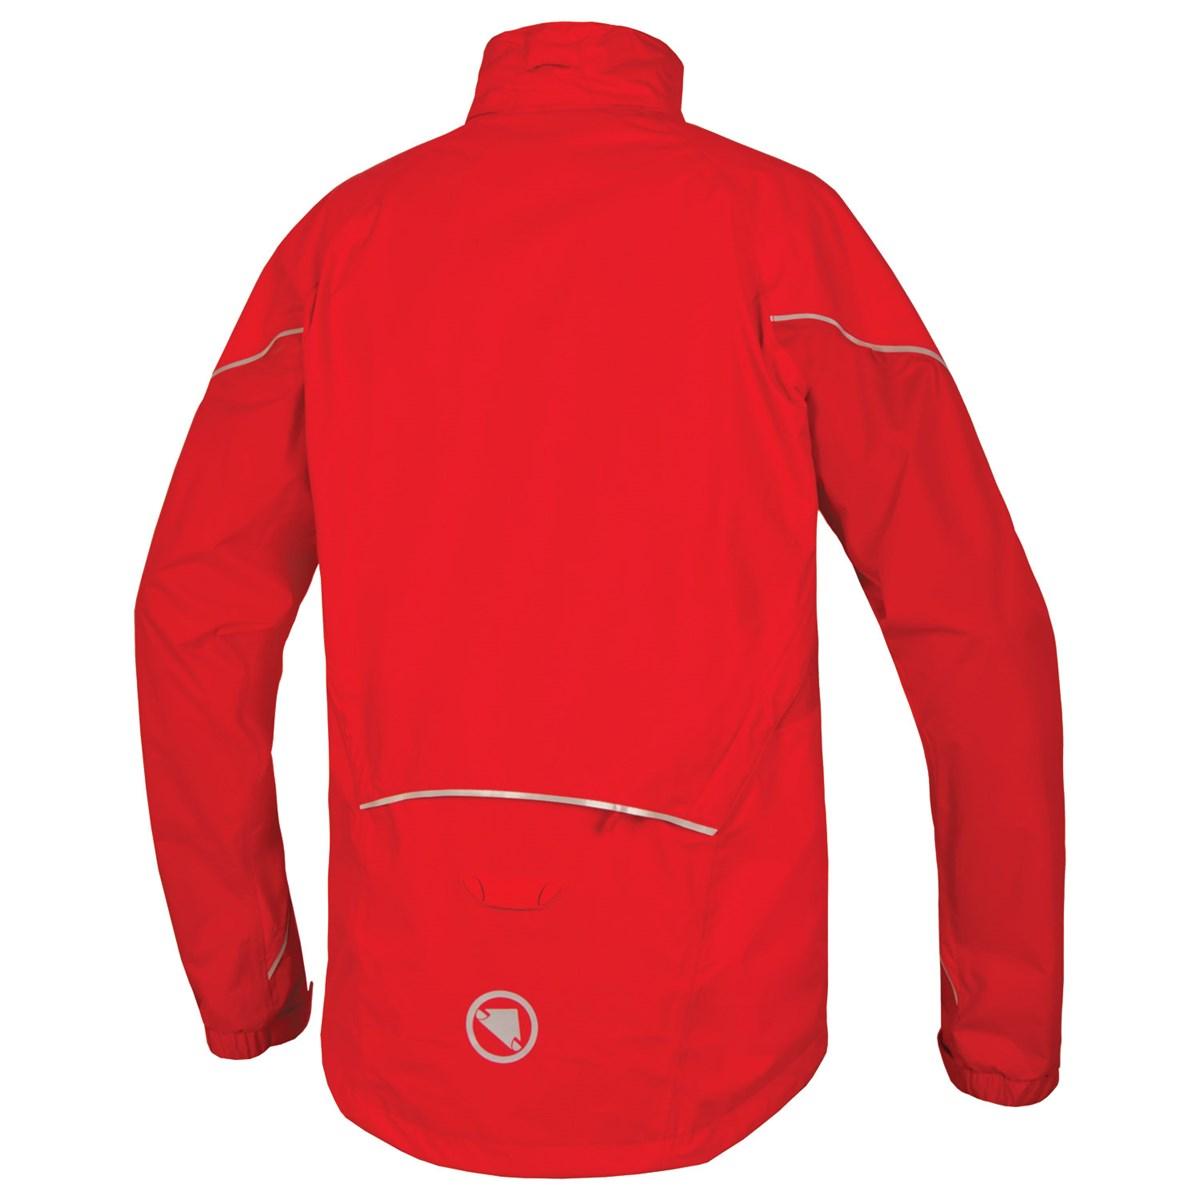 d1585ba41 Endura Hummvee Convertible Red Waterproof Cycling Jacket £99.99